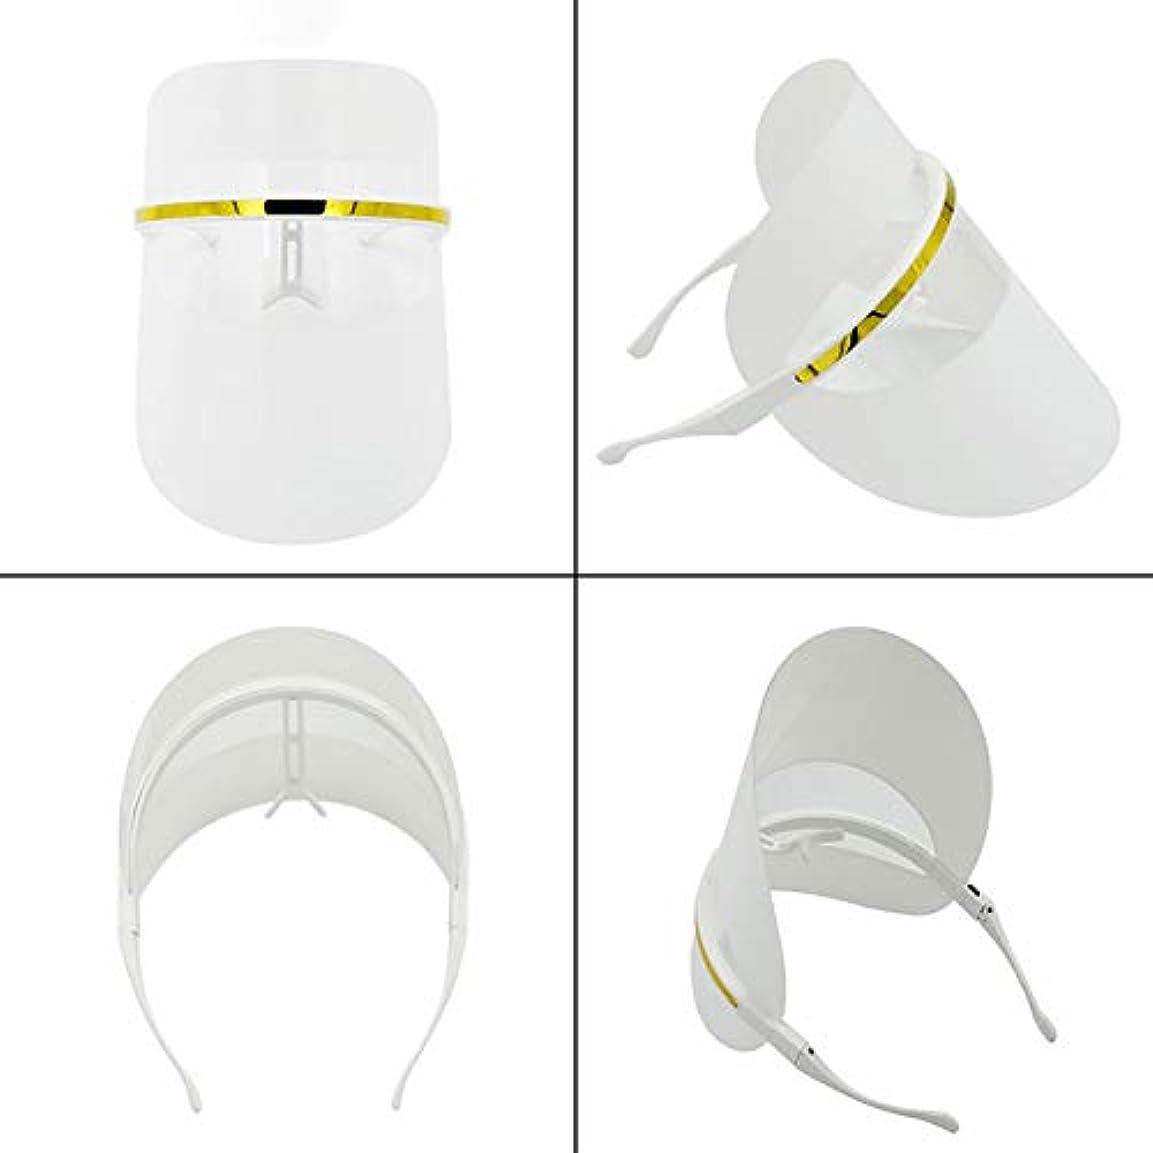 狂人ミキサー渦7色LEDフェイスマスク、LEDフォトンビューティーマスク、健康的な肌の若返りのためのフォトンレッドライトセラピー、コラーゲン、アンチエイジング、しわ、瘢痕